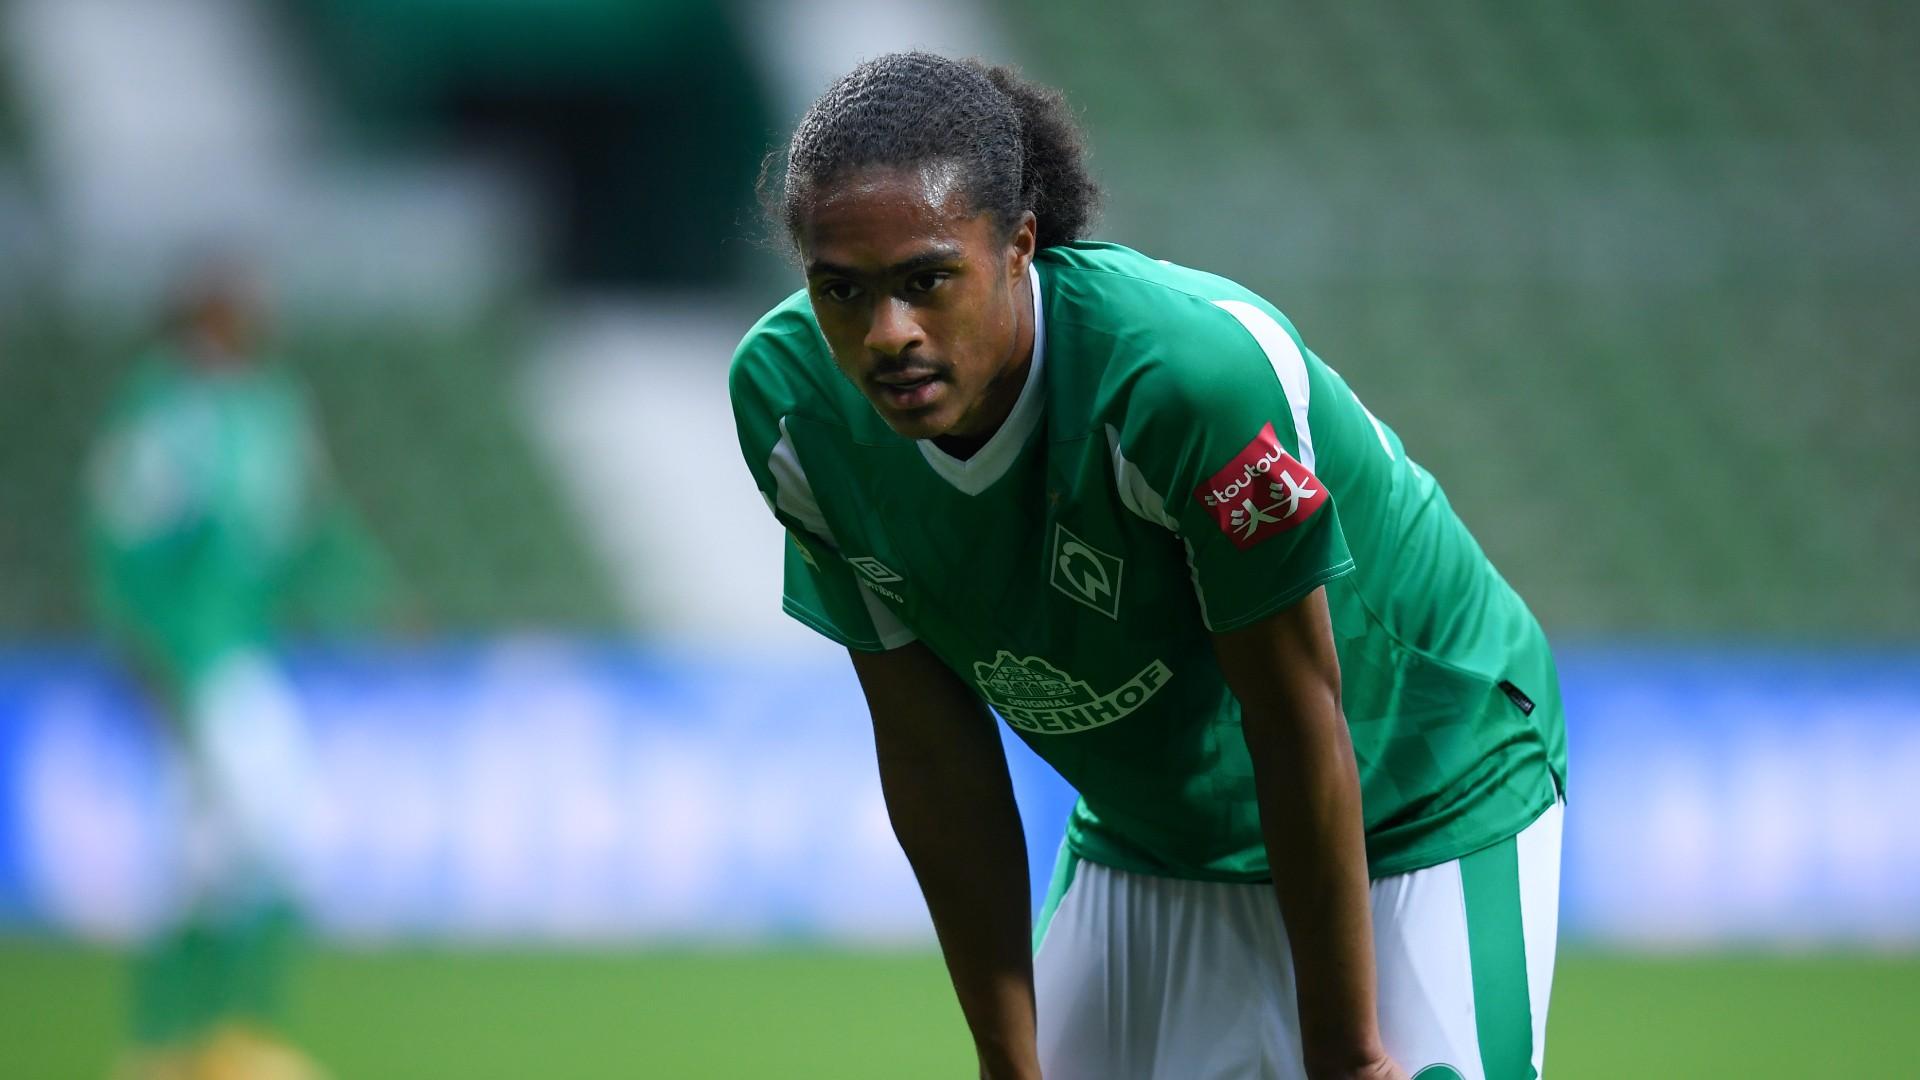 On-loan Man Utd starlet Chong improvement identified by Werder Bremen chief